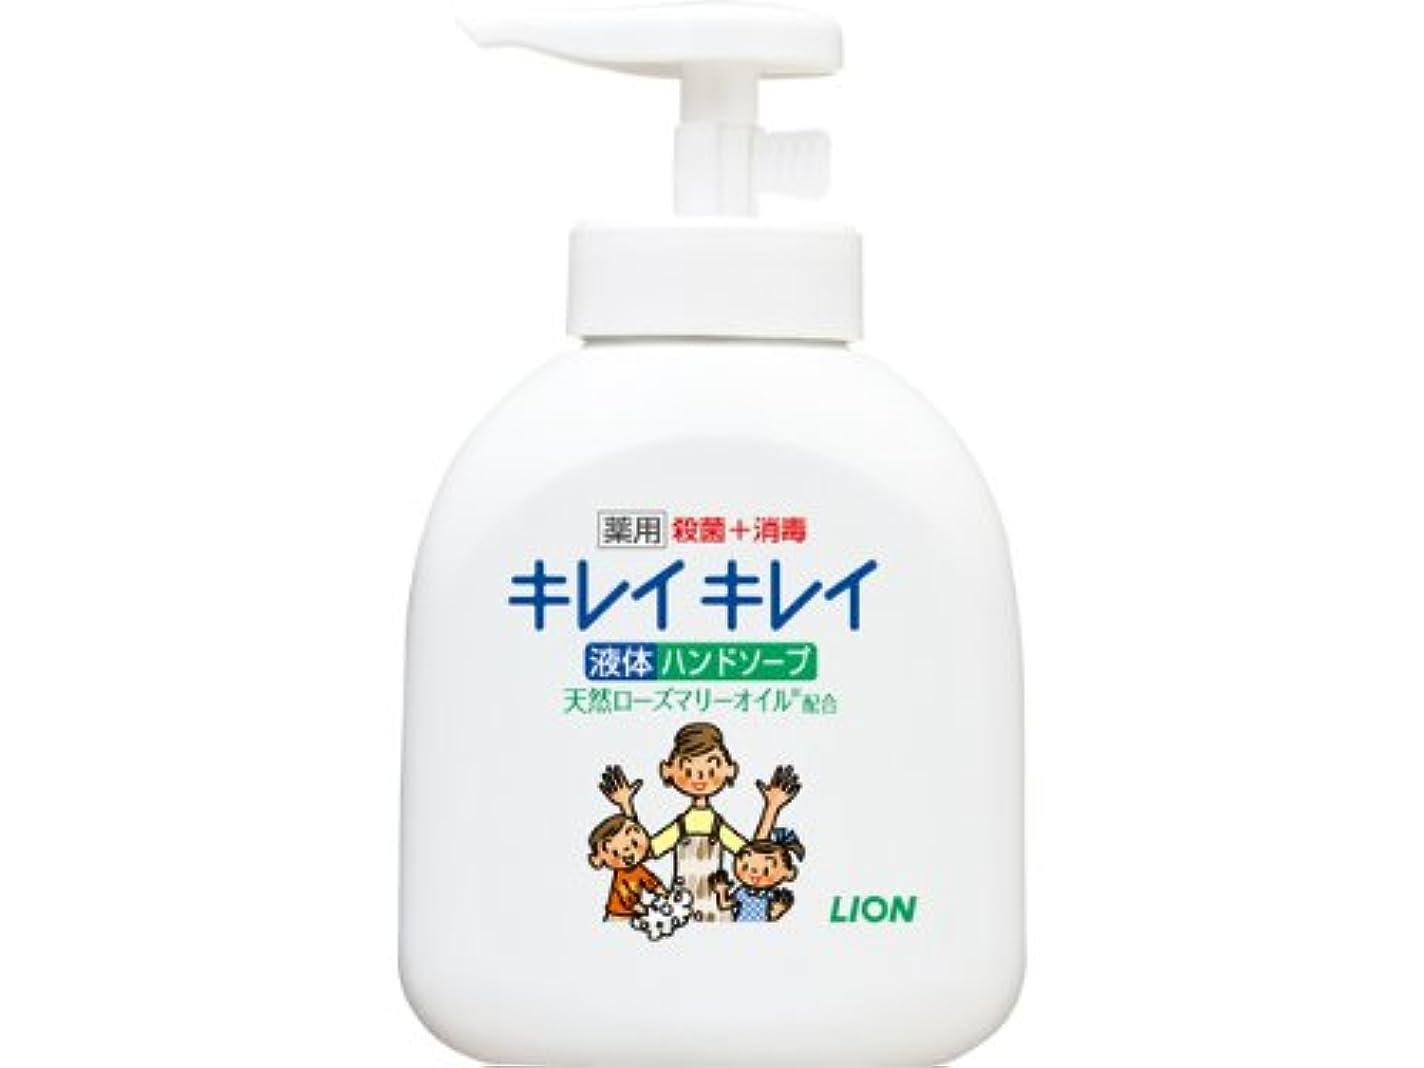 クライストチャーチ喜劇バレエキレイキレイ 薬用 液体ハンドソープ 本体ポンプ 250ml (医薬部外品)